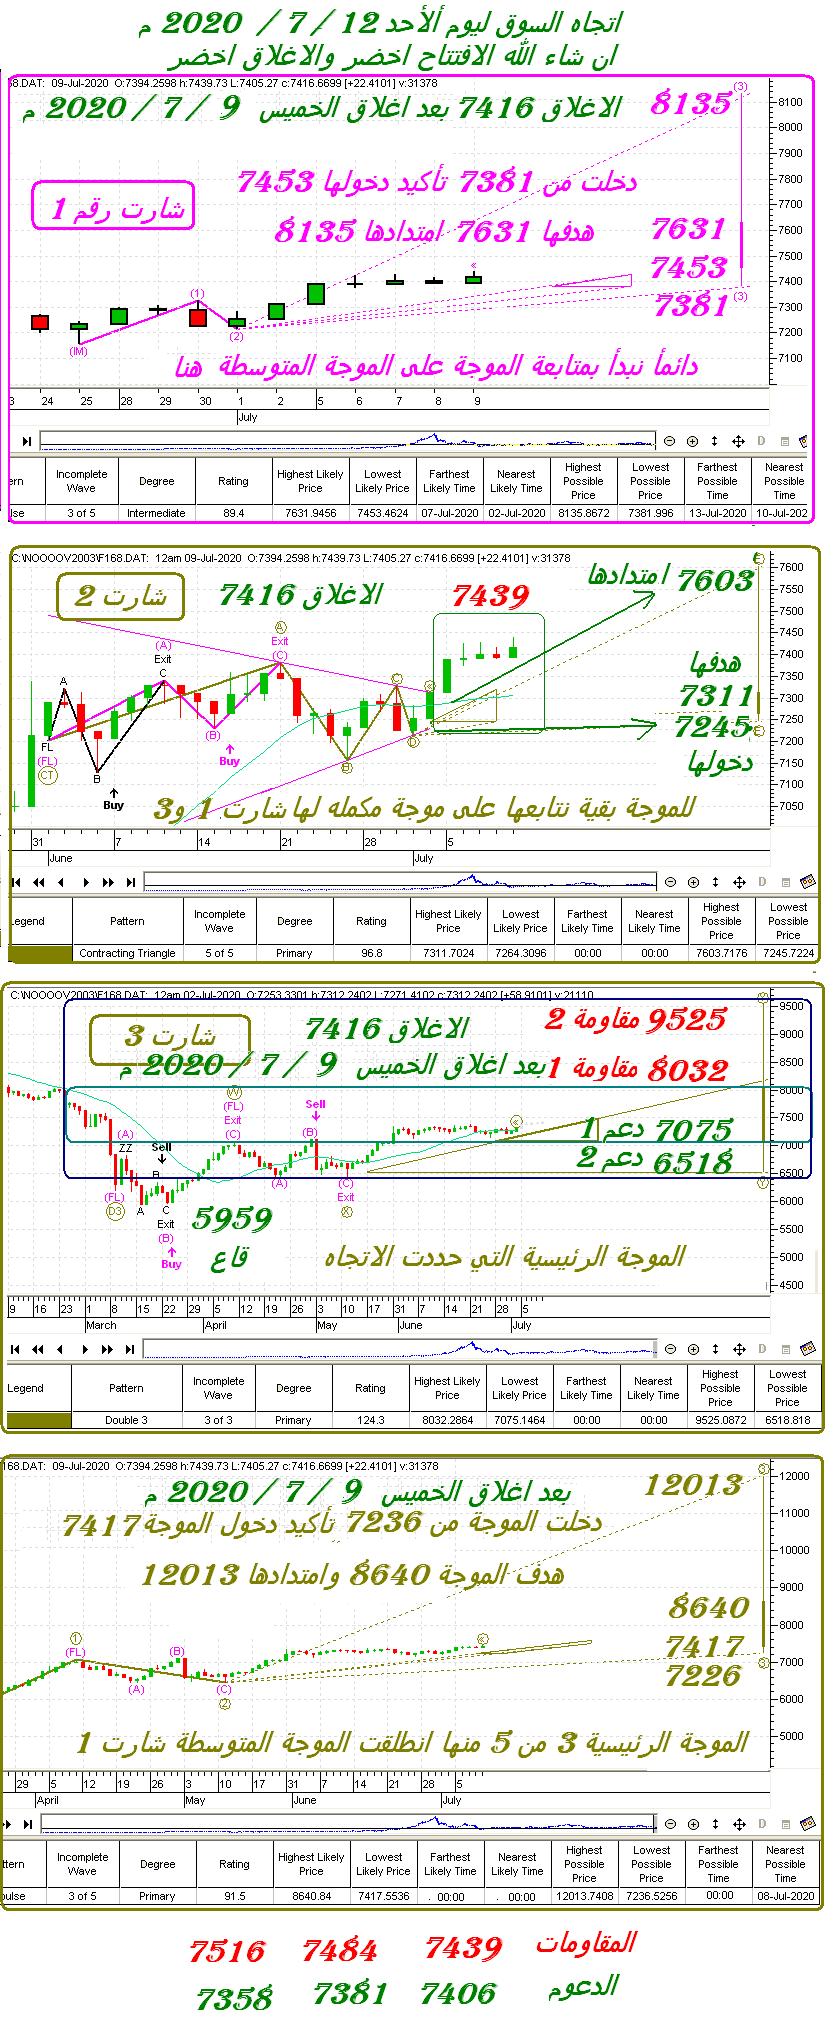 رد: اتجاه السوق ليوم الأحد 12 / 7 / 2020 م  سعريأ وزمنيا مع الدعم والمقاومة